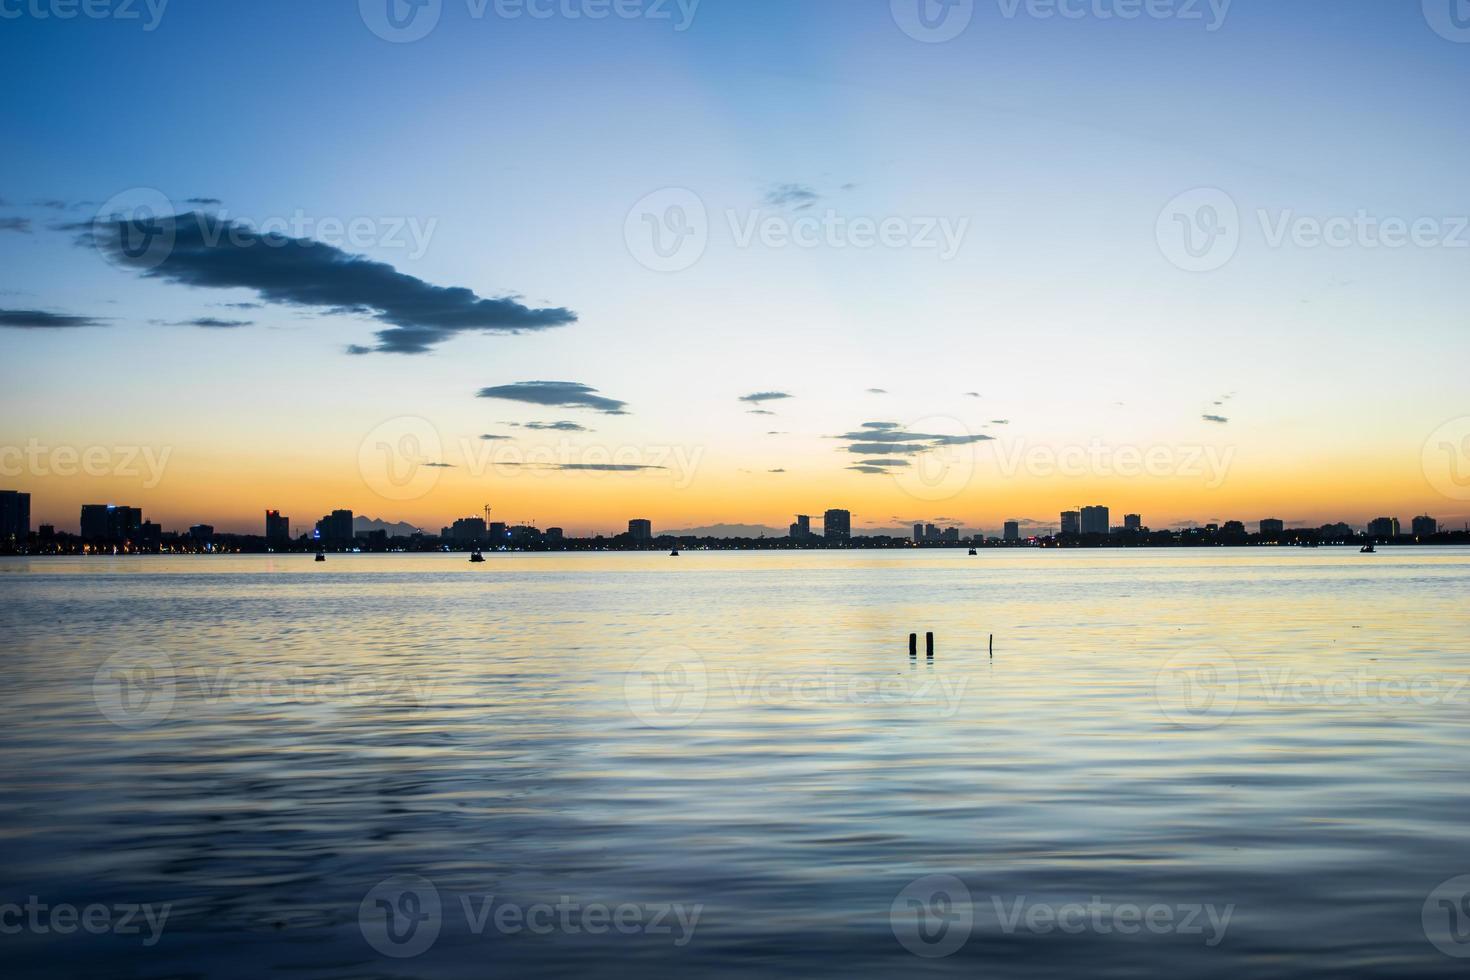 Sunset in HaNoi photo